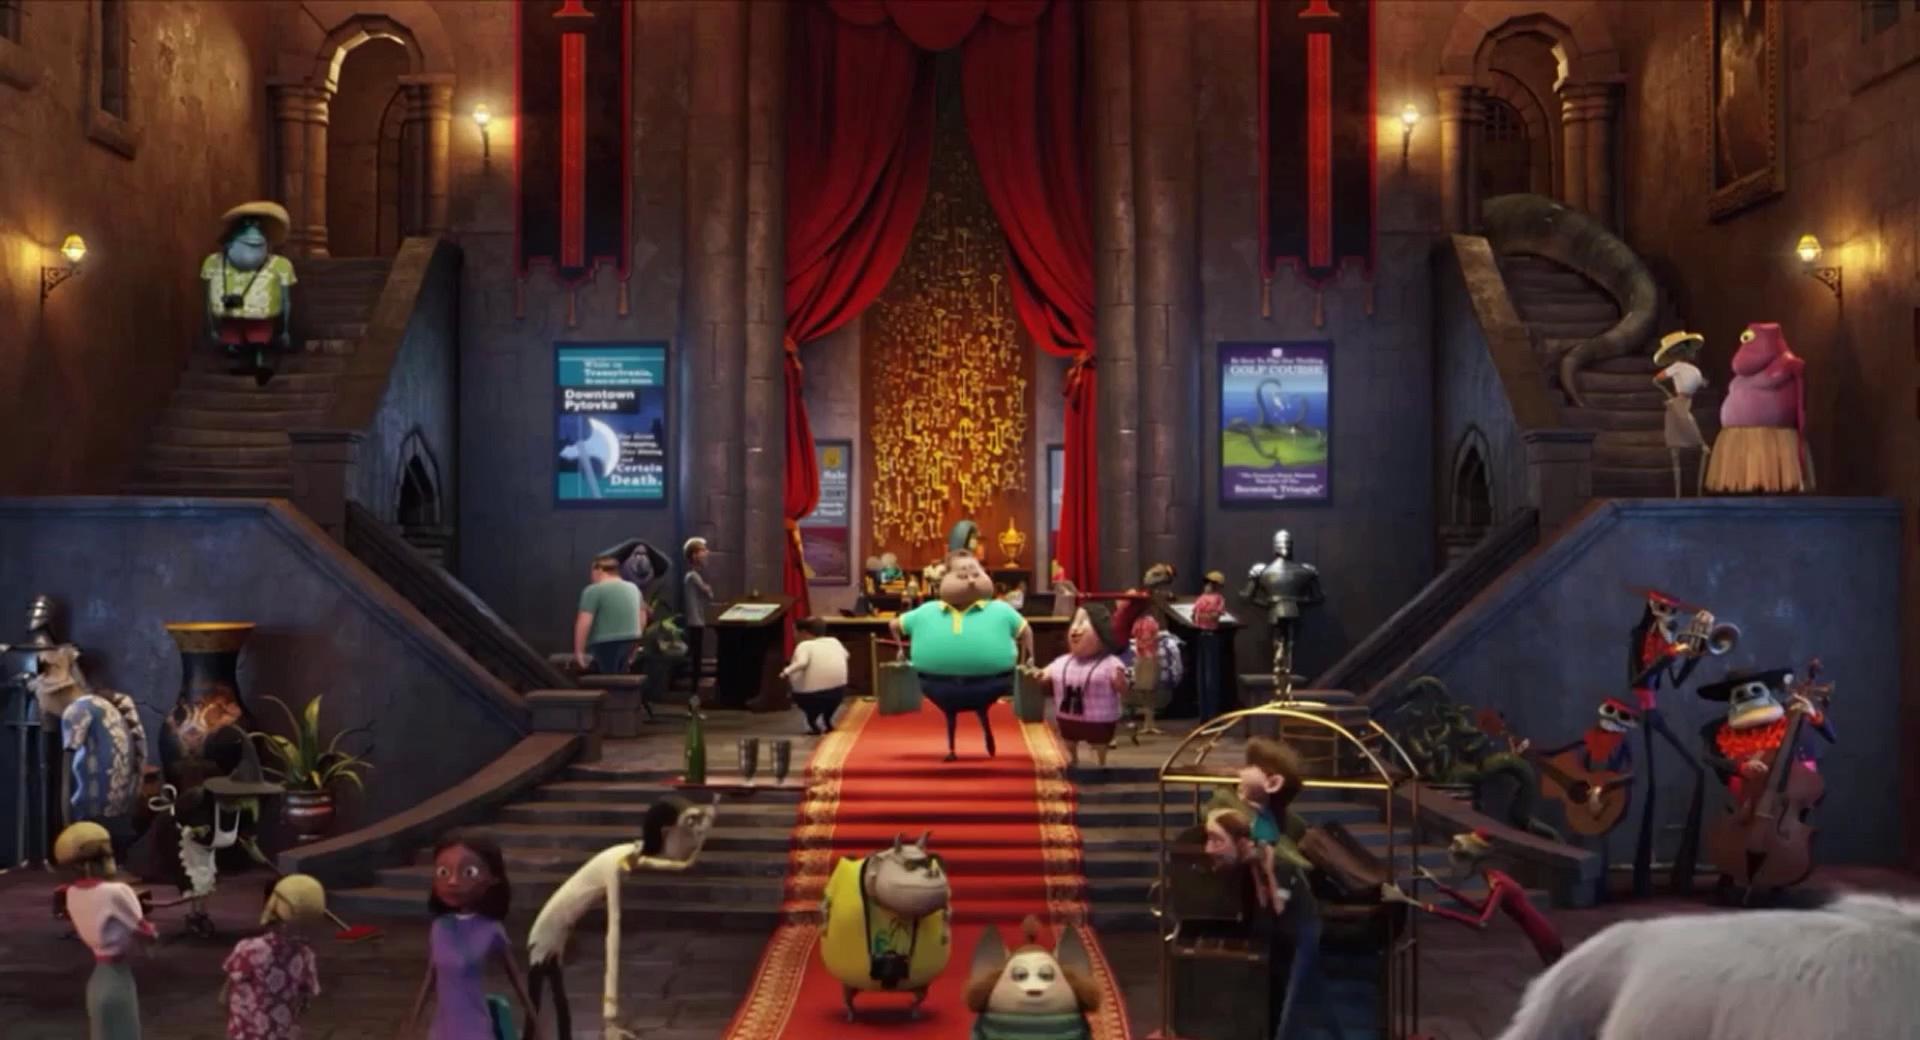 casino royale 1080p yify subtitles